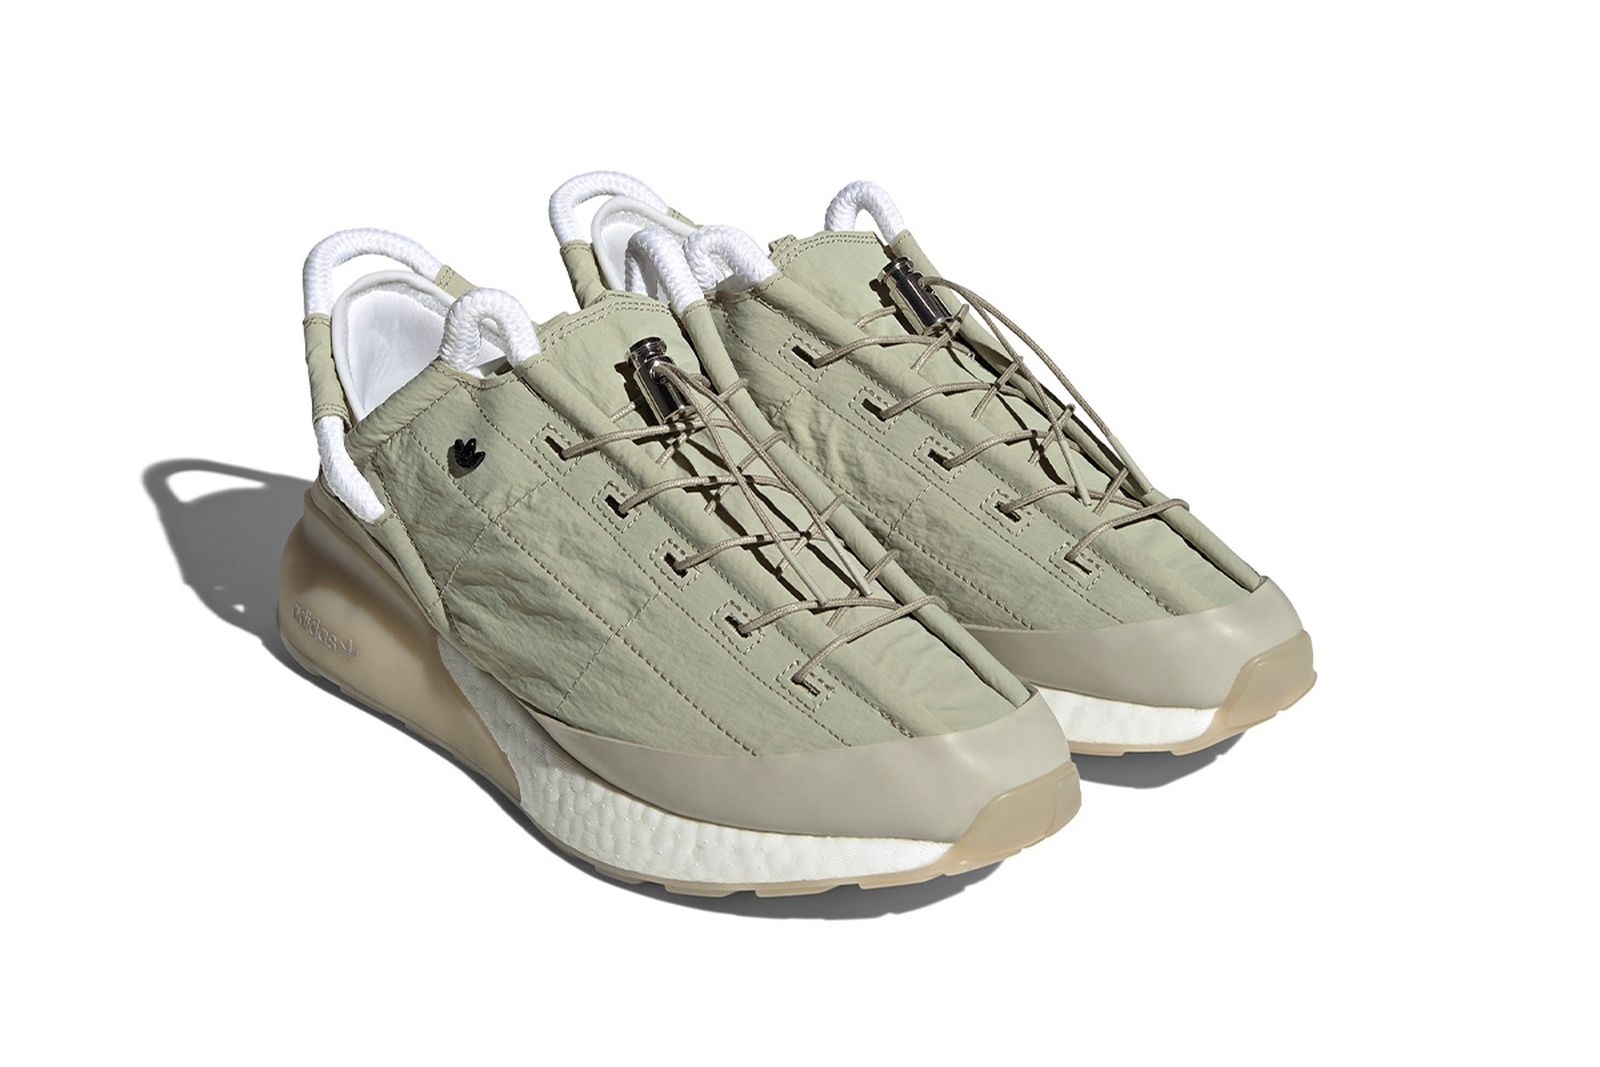 craig-green-adidas-zx-2k-phormar-release-date-price-07